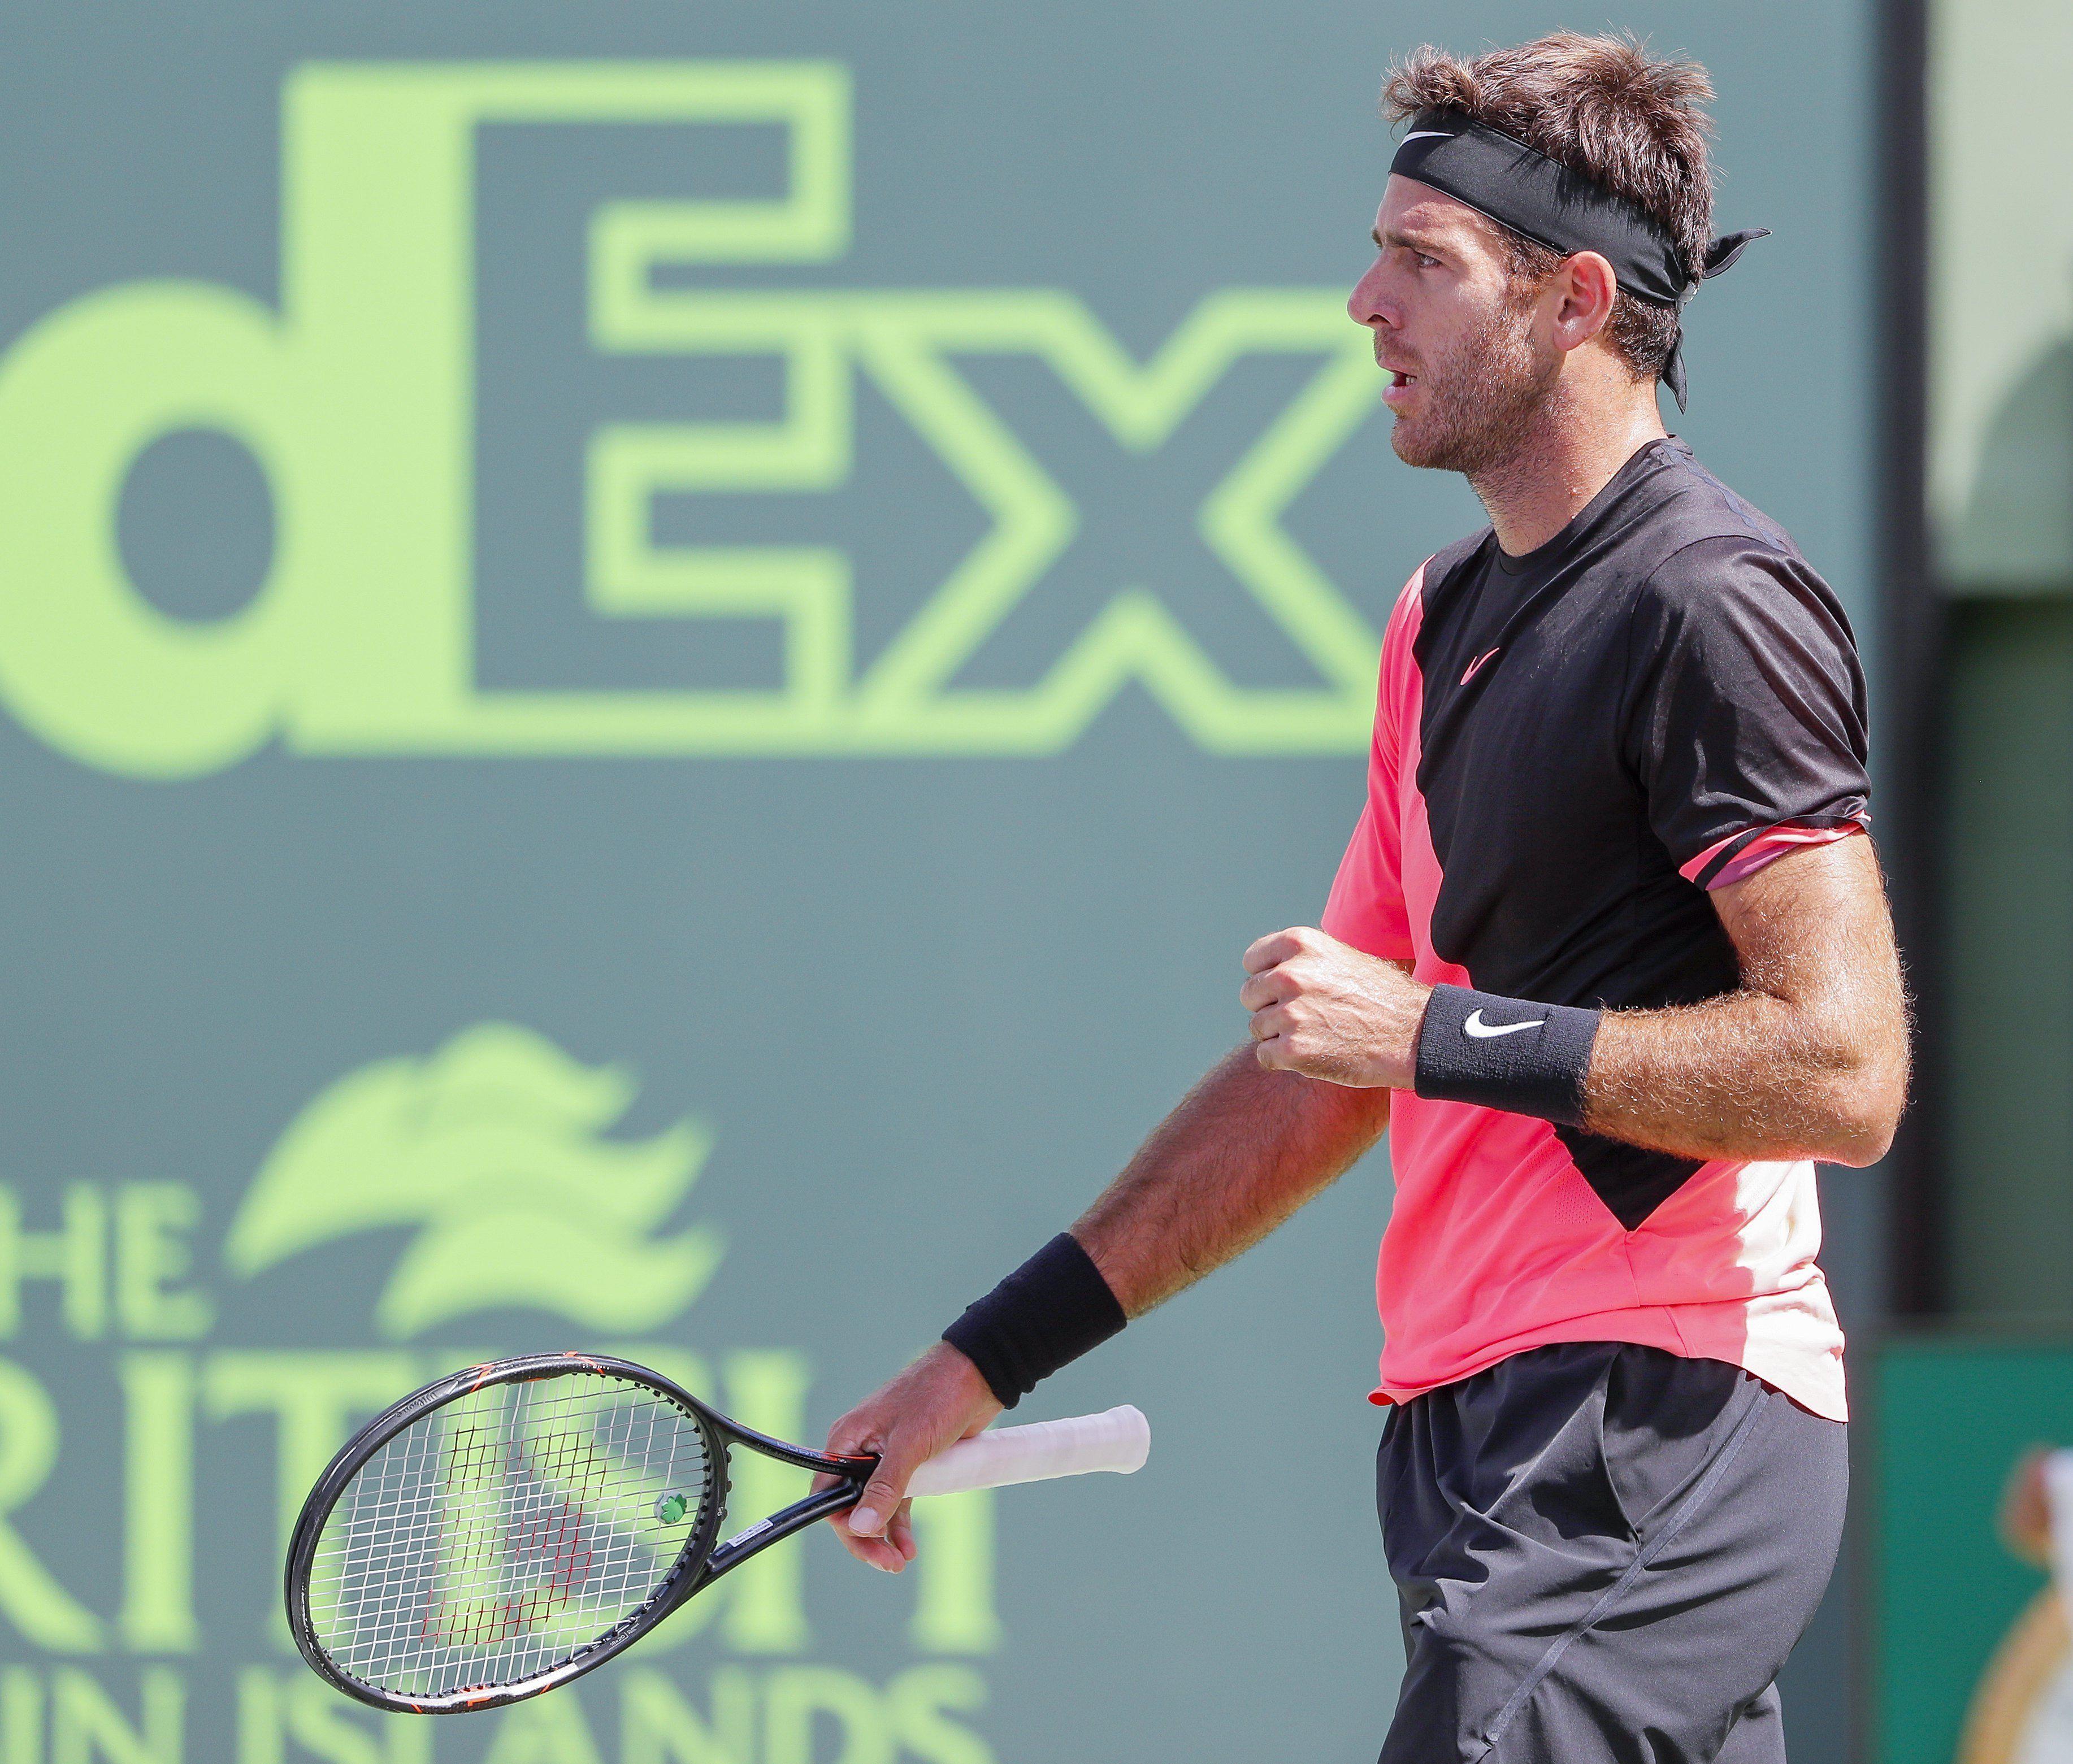 Delpo necesita ganar el torneo para alcanzar el 3° puesto del ranking ATP